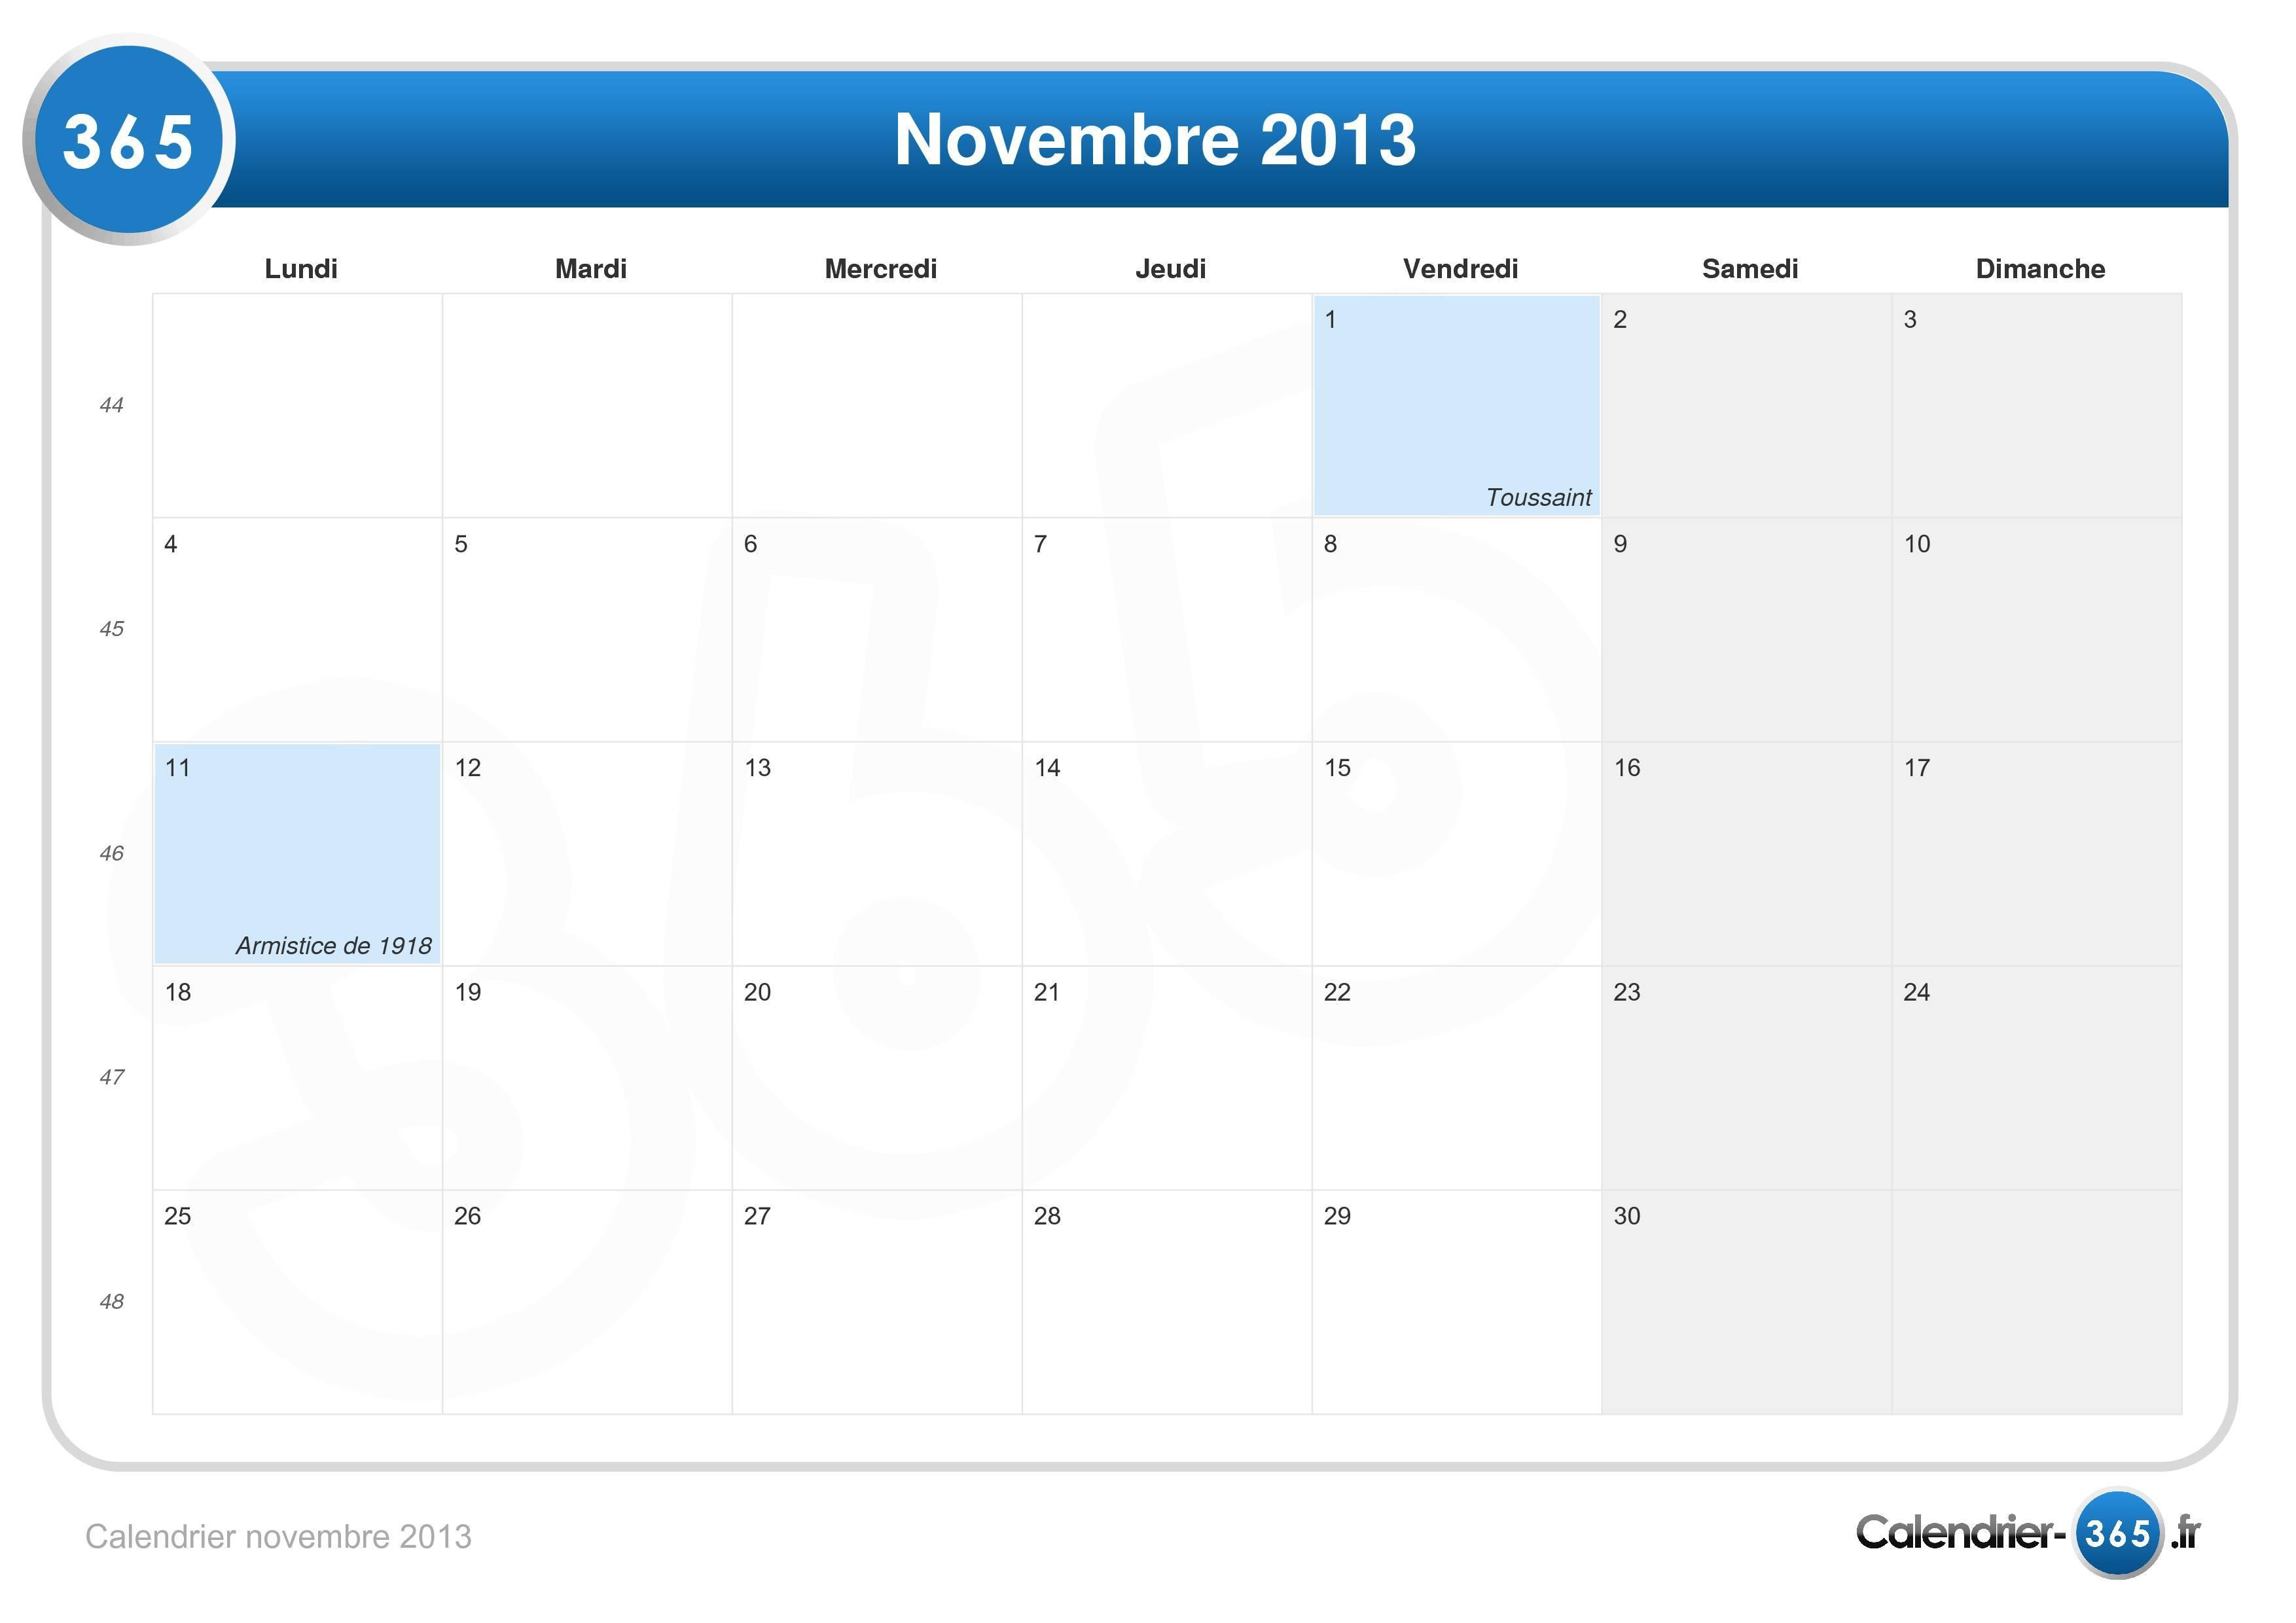 Calendrier novembre 2013